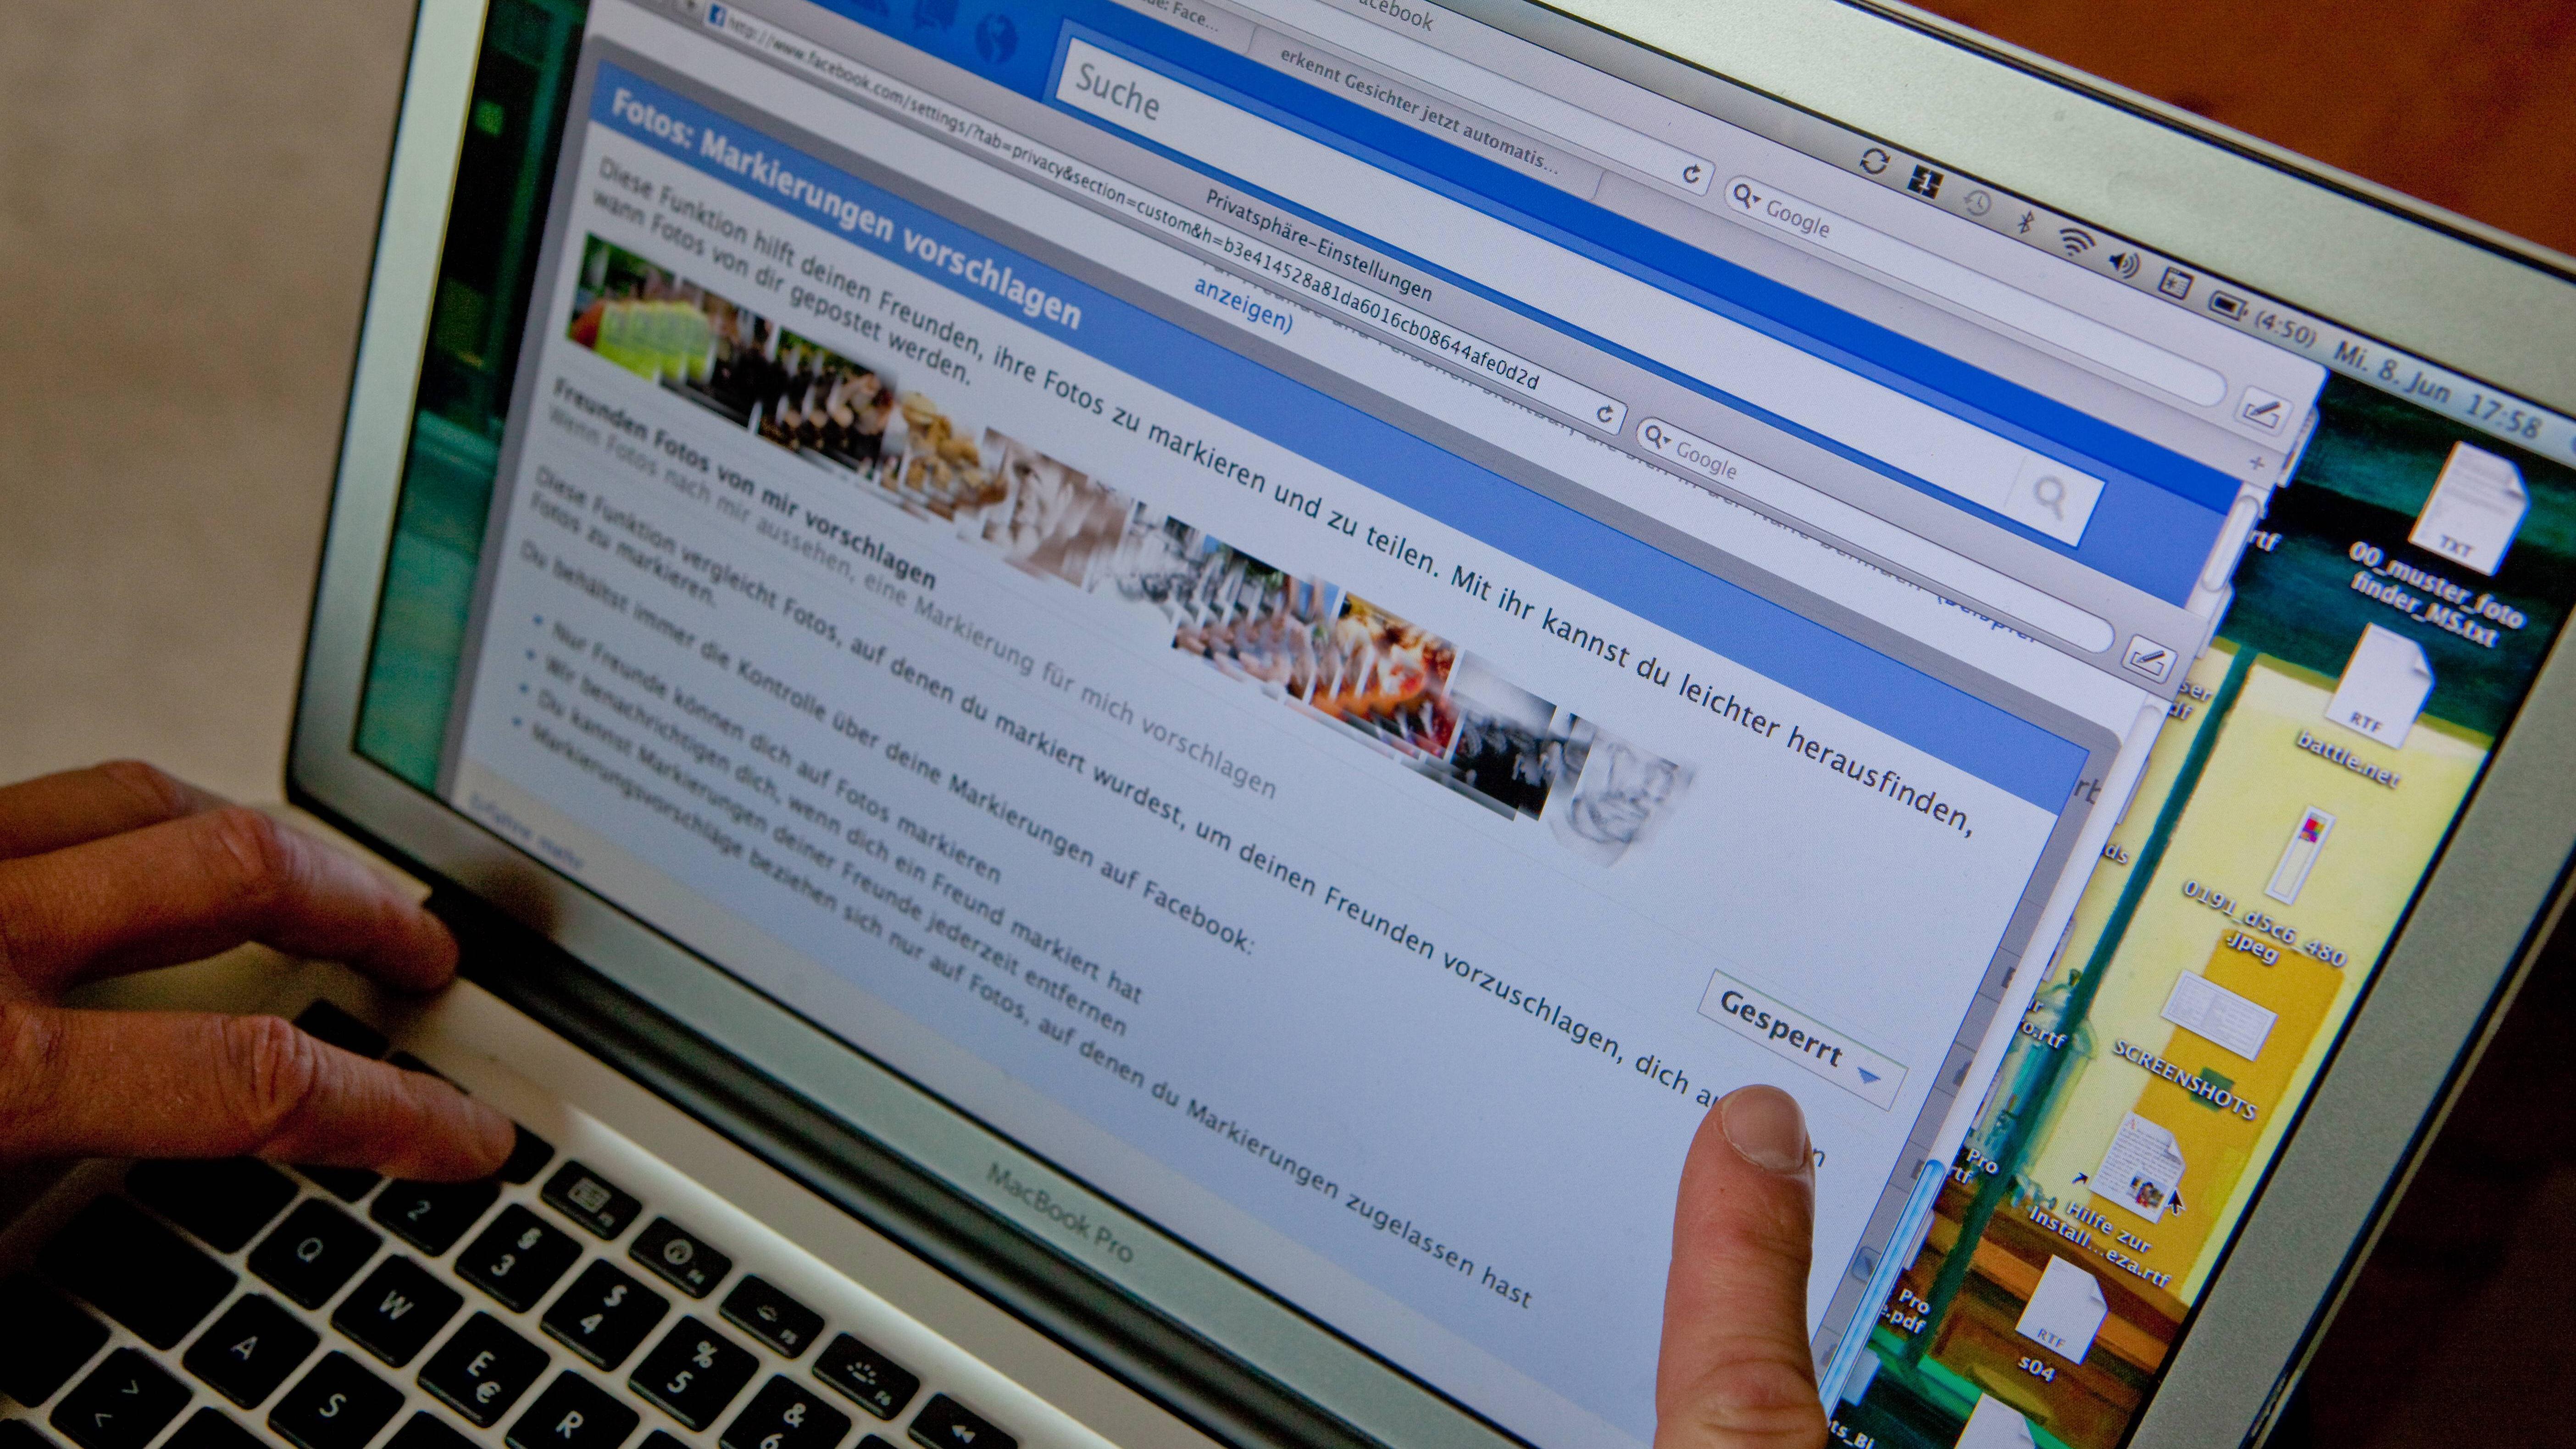 Facebook-Profil in der Google-Suche verbergen